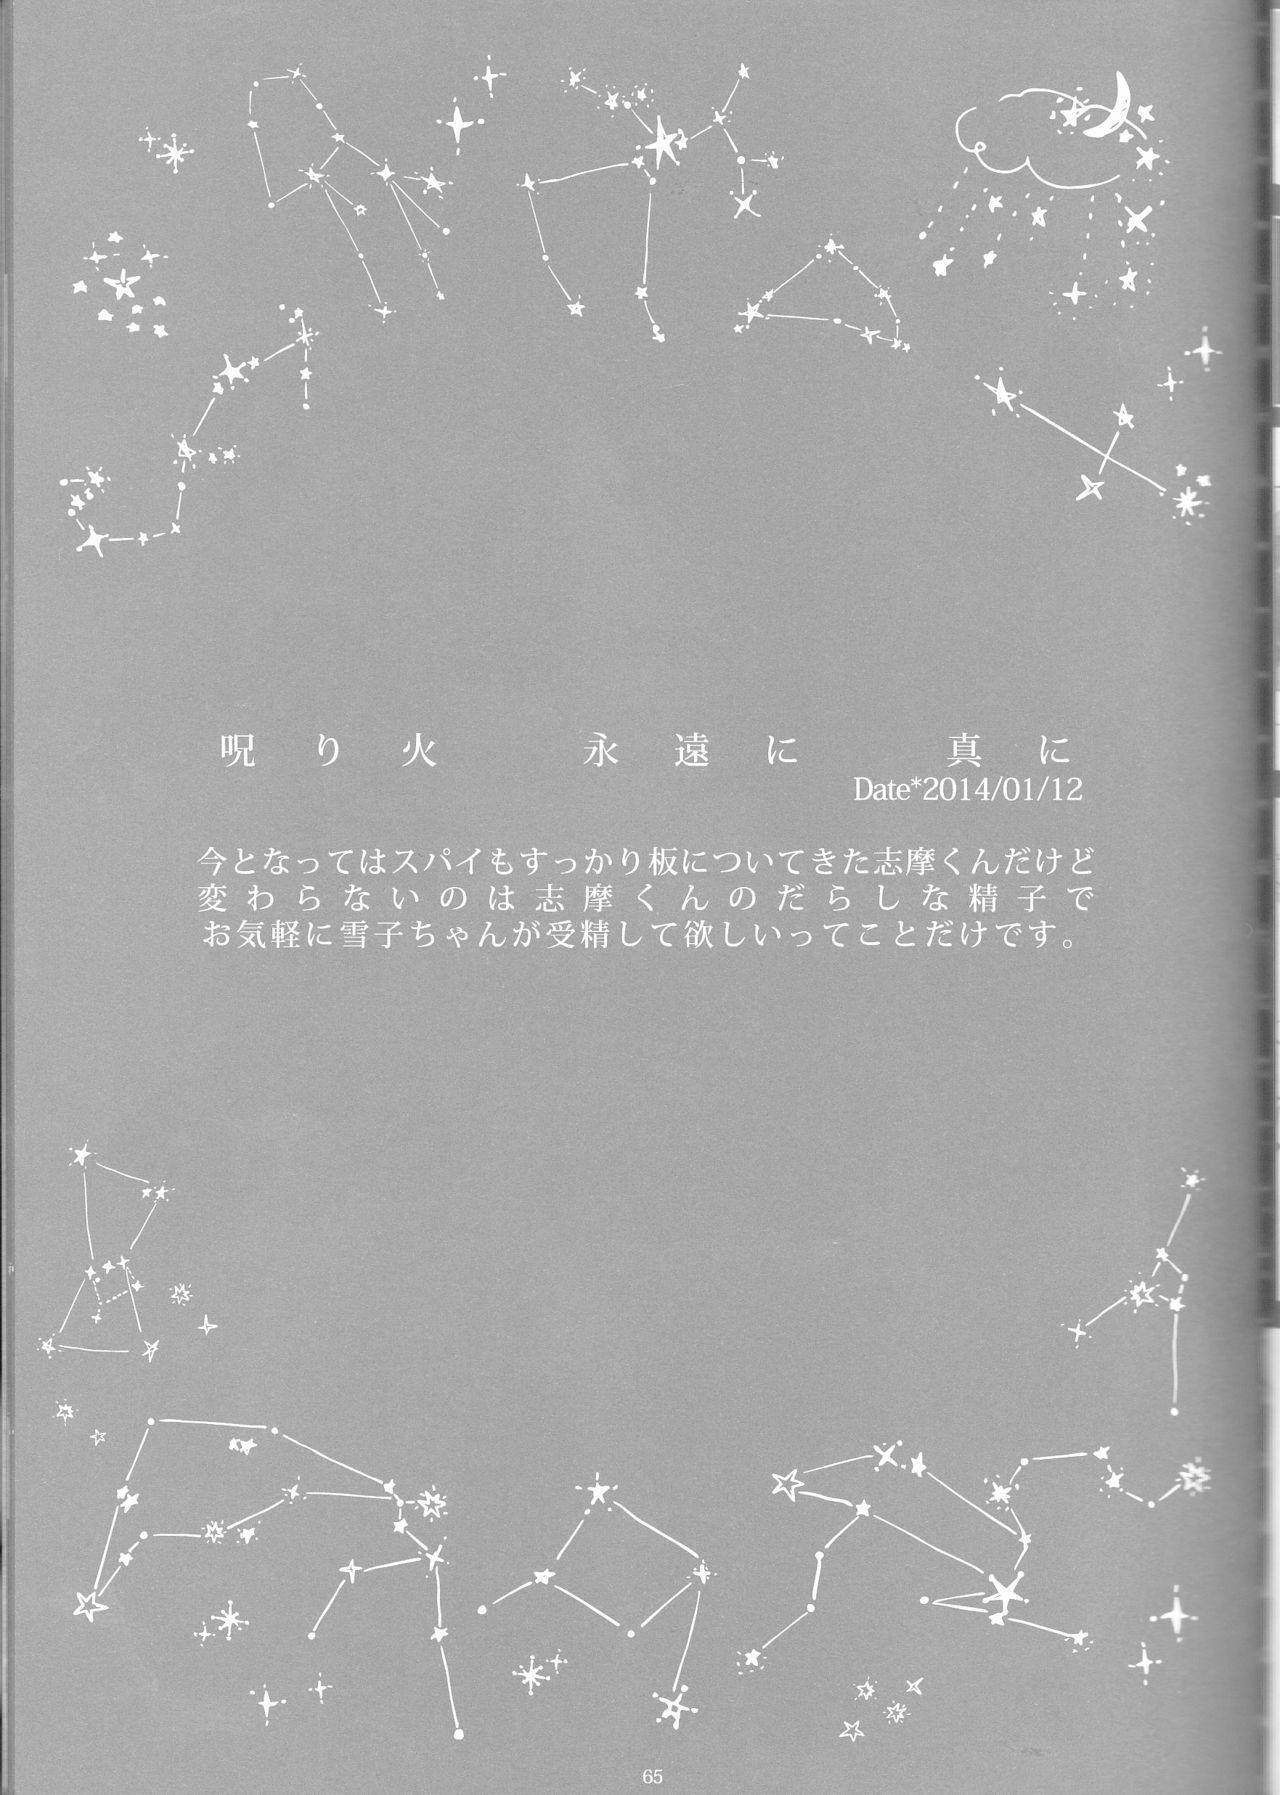 Toge hikari no navu~igātoria book 2(blue exorcist] 63